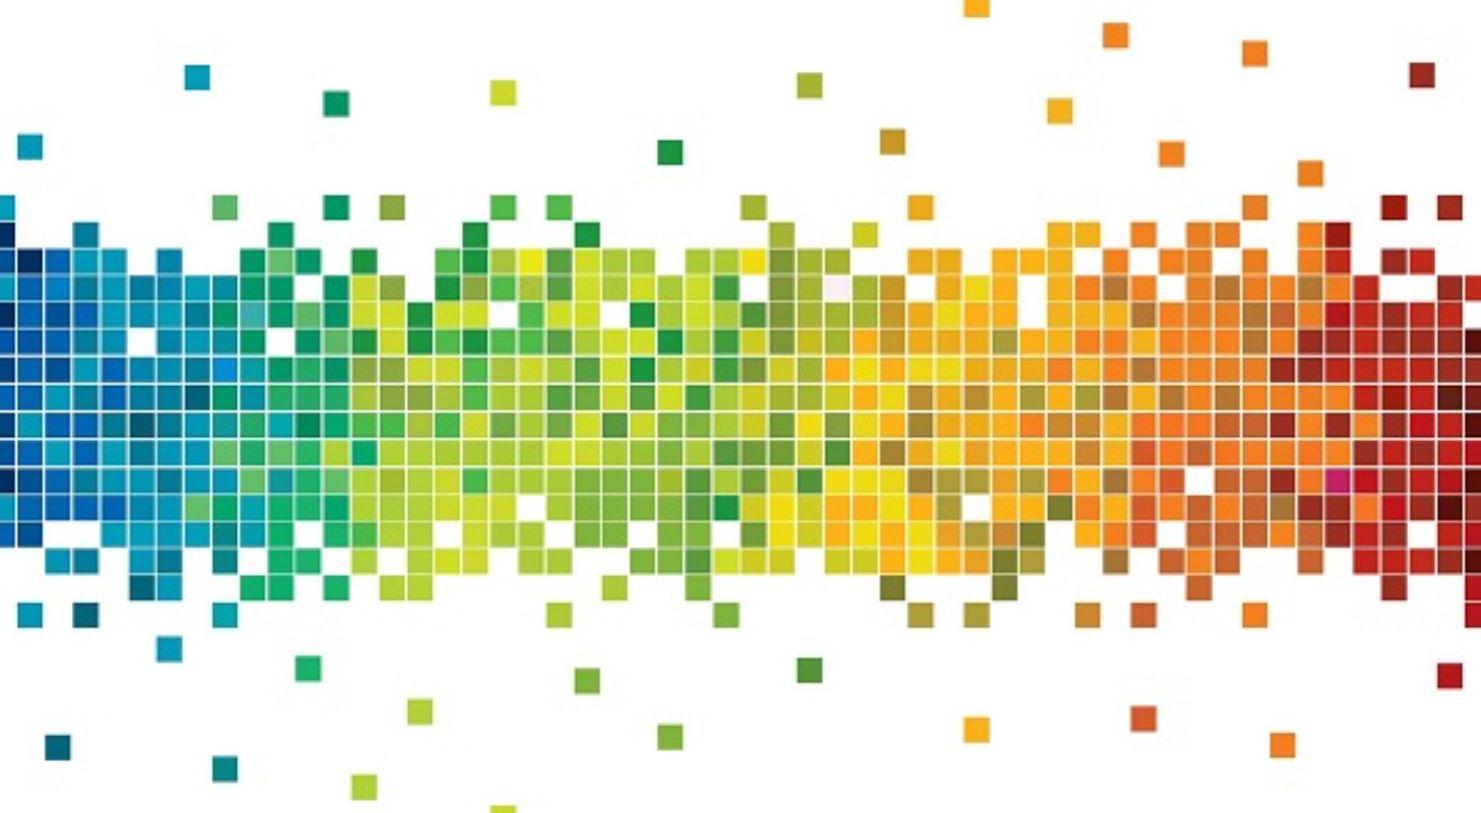 Pixel là đơn vị phổ biến, được vận dụng để đo độ phân giải hiển thị